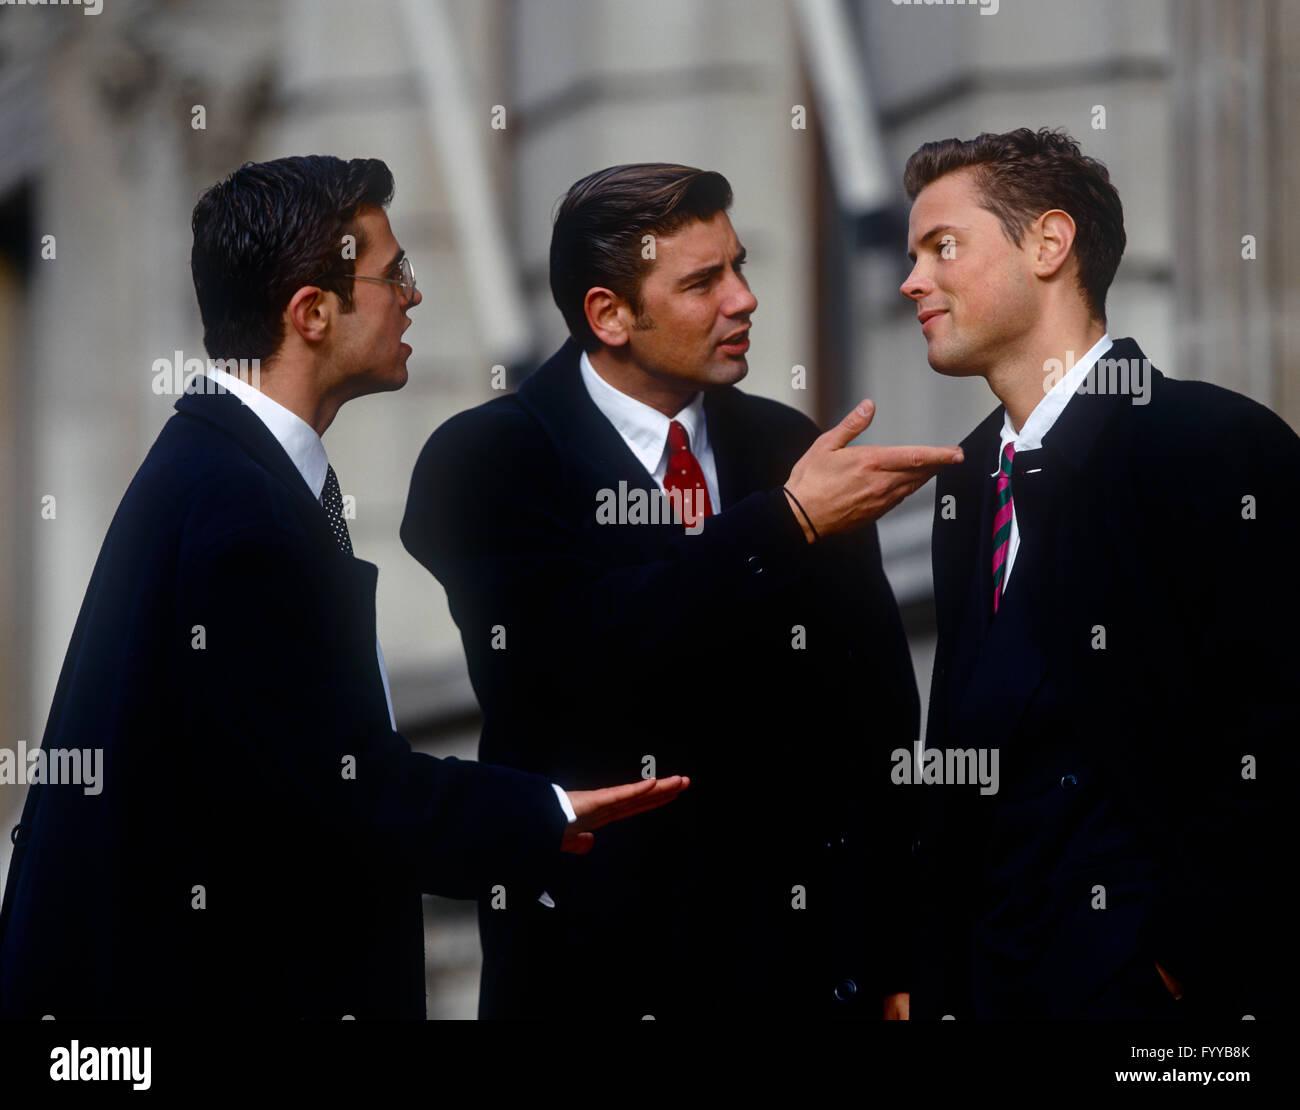 Drei Männer in intelligente Shirts haben eine Diskussion im Außenbereich. Stockbild